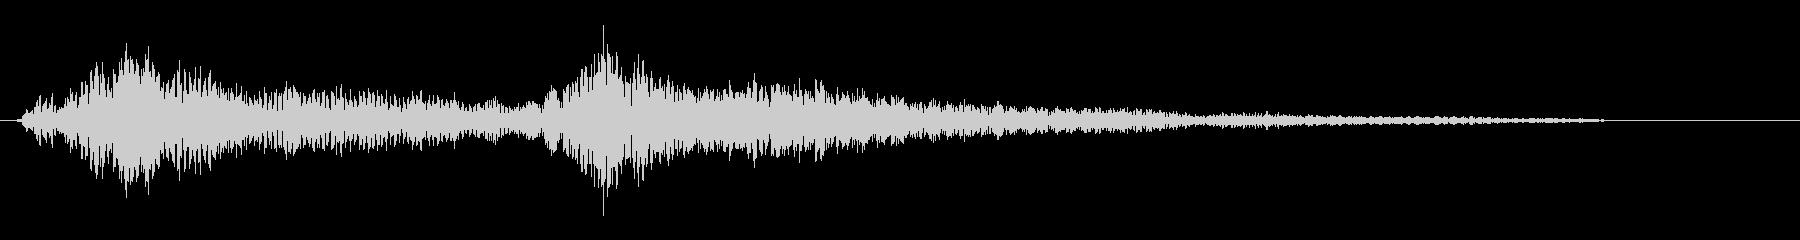 ビヨンビヨン(バネの音)の未再生の波形